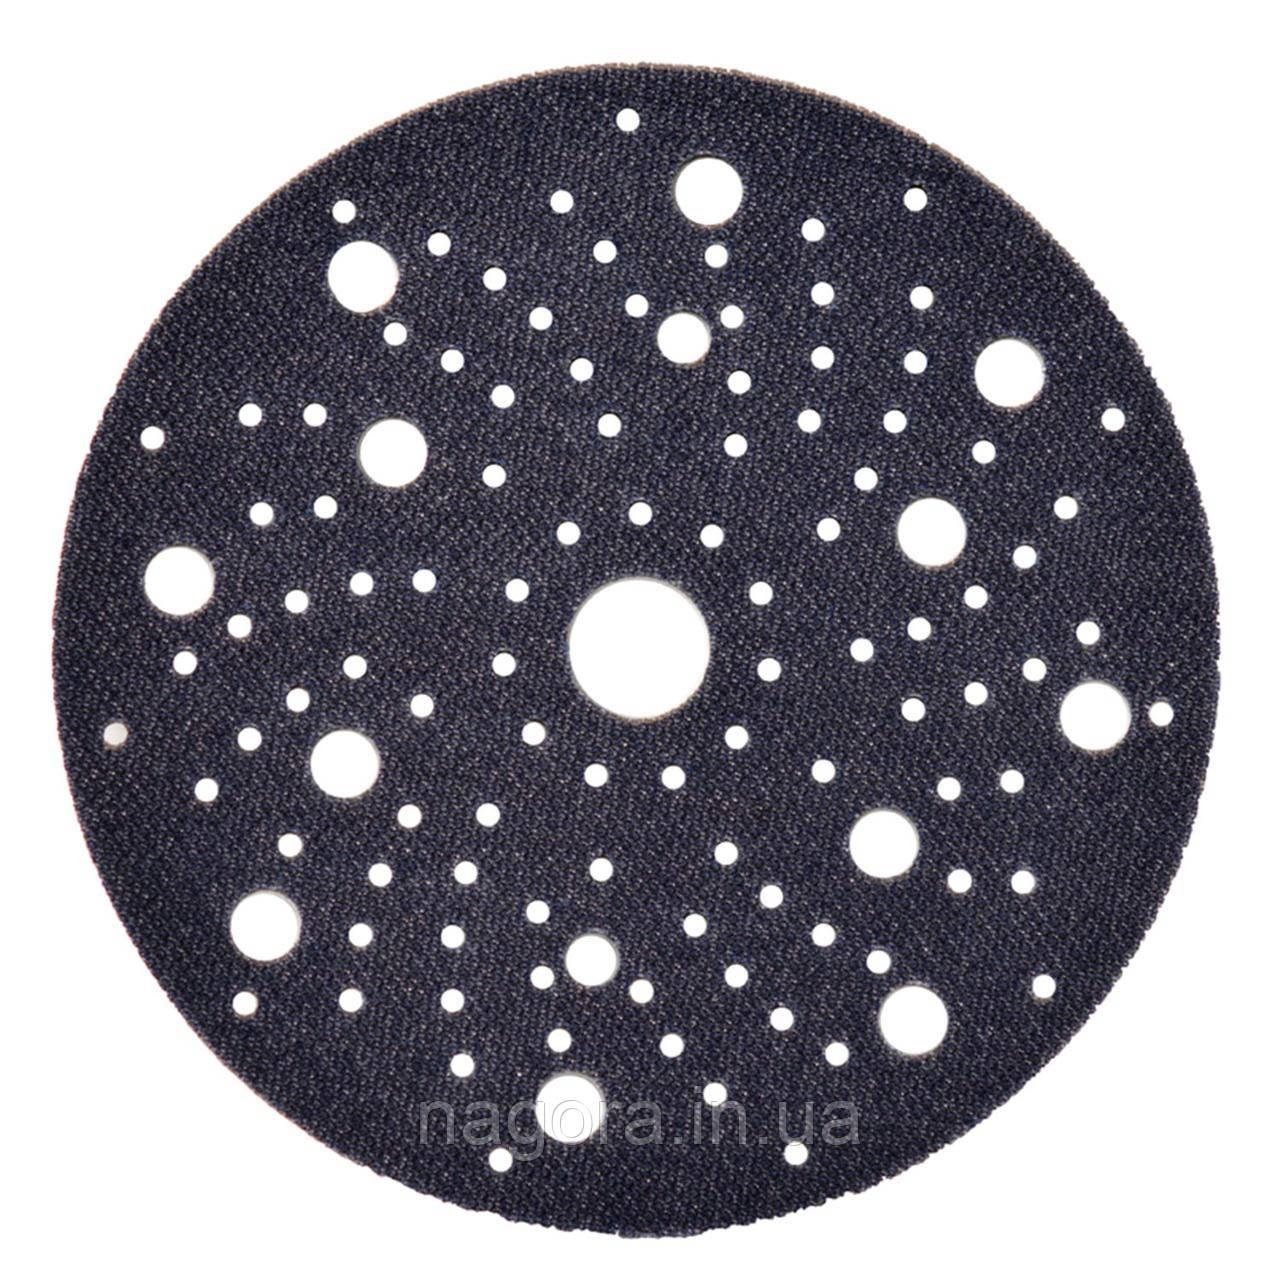 Підкладка мультидырочная 3M™ для абразивних кругів Hookit™ ø150мм 5мм м'яка